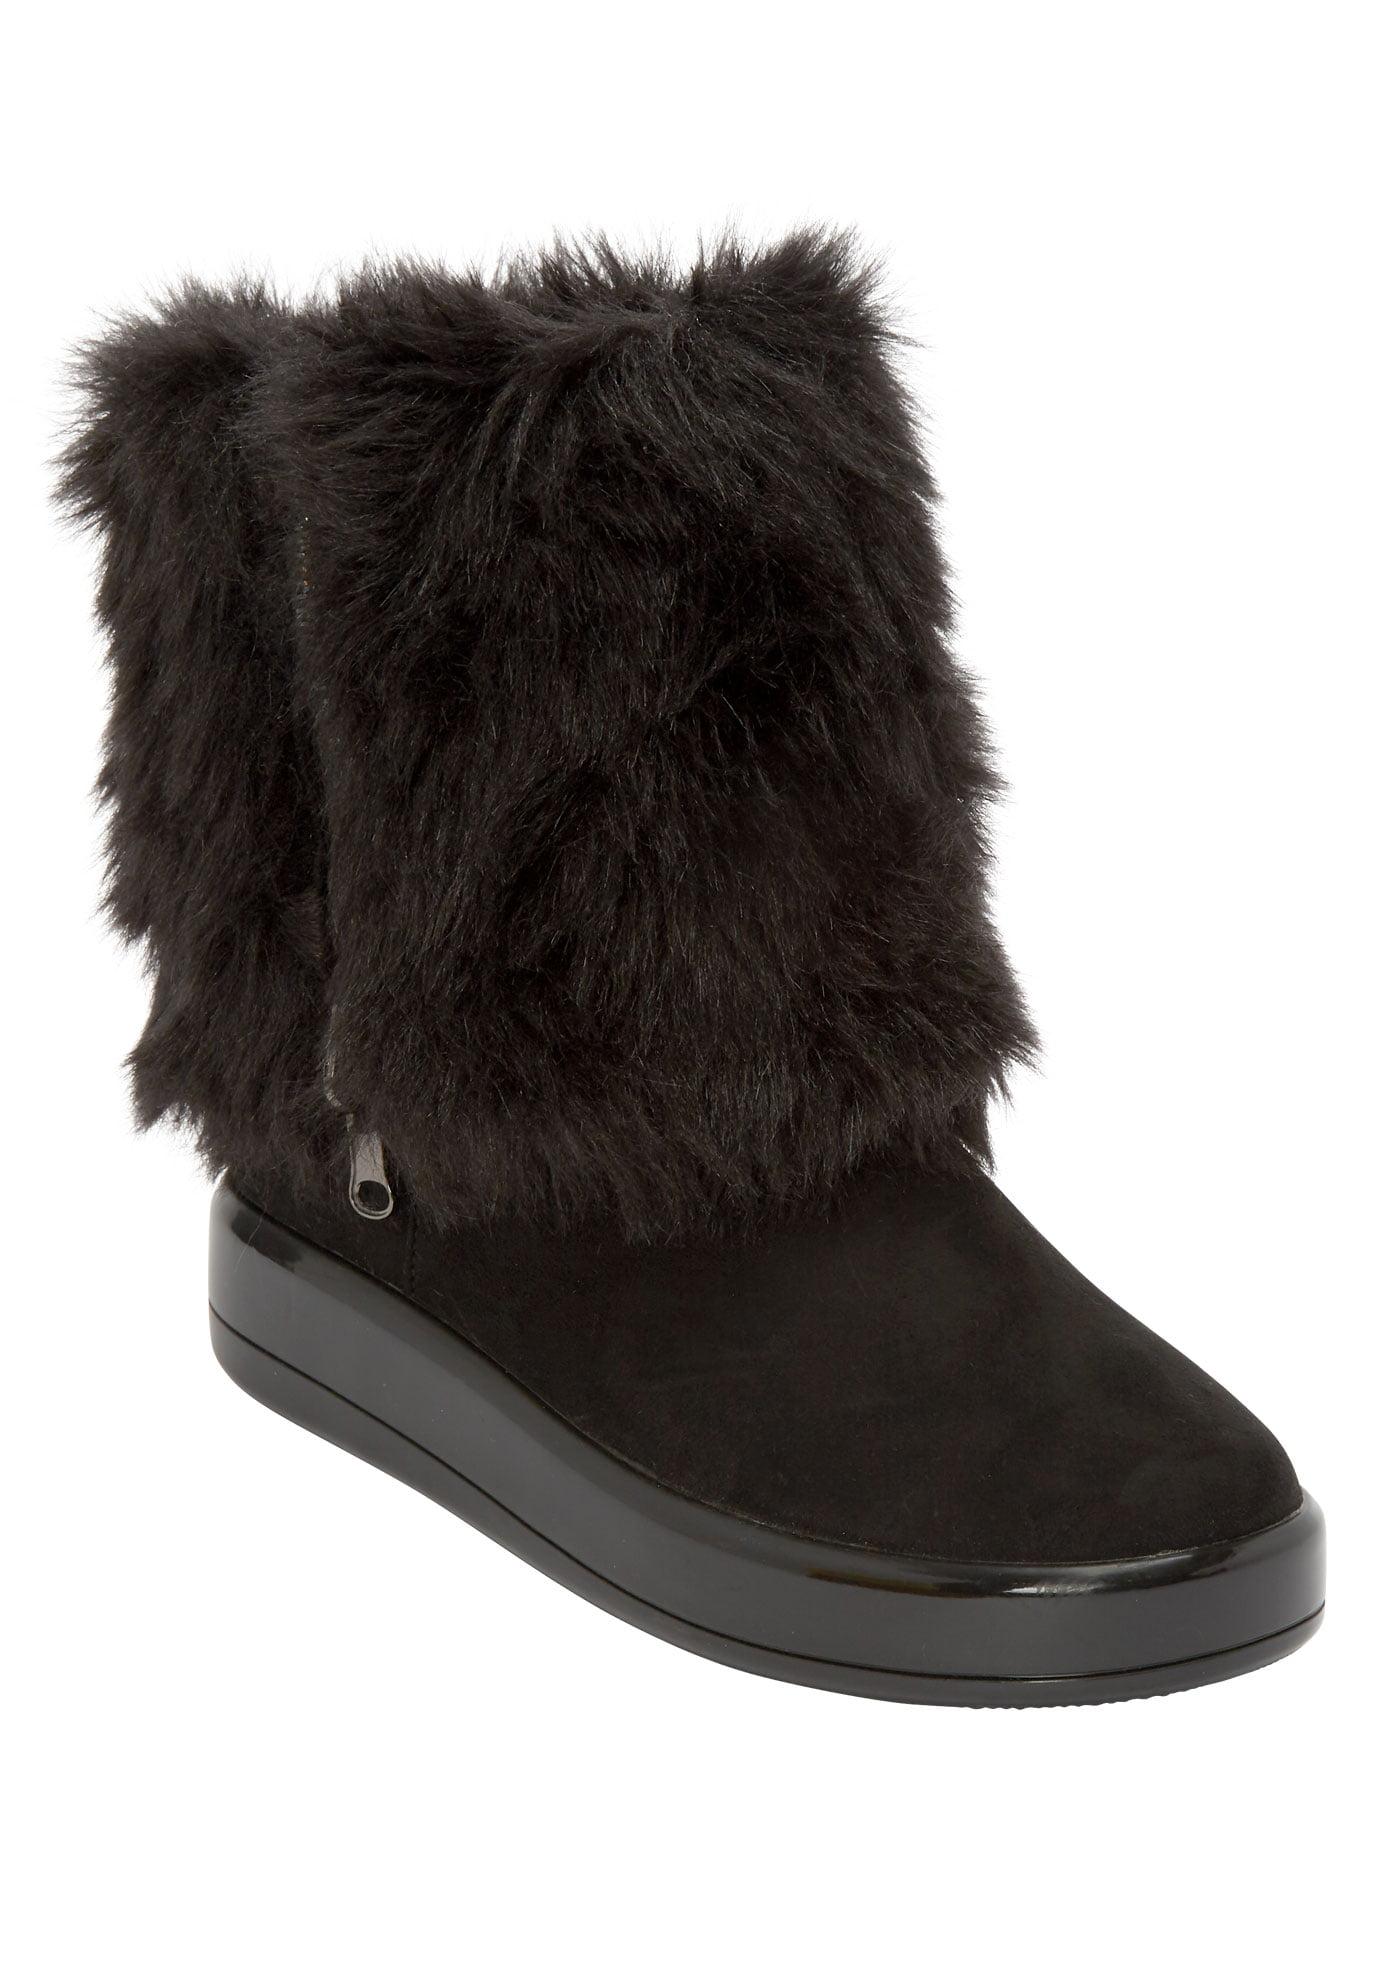 Black Comfortview Winter \u0026 Snow Boots